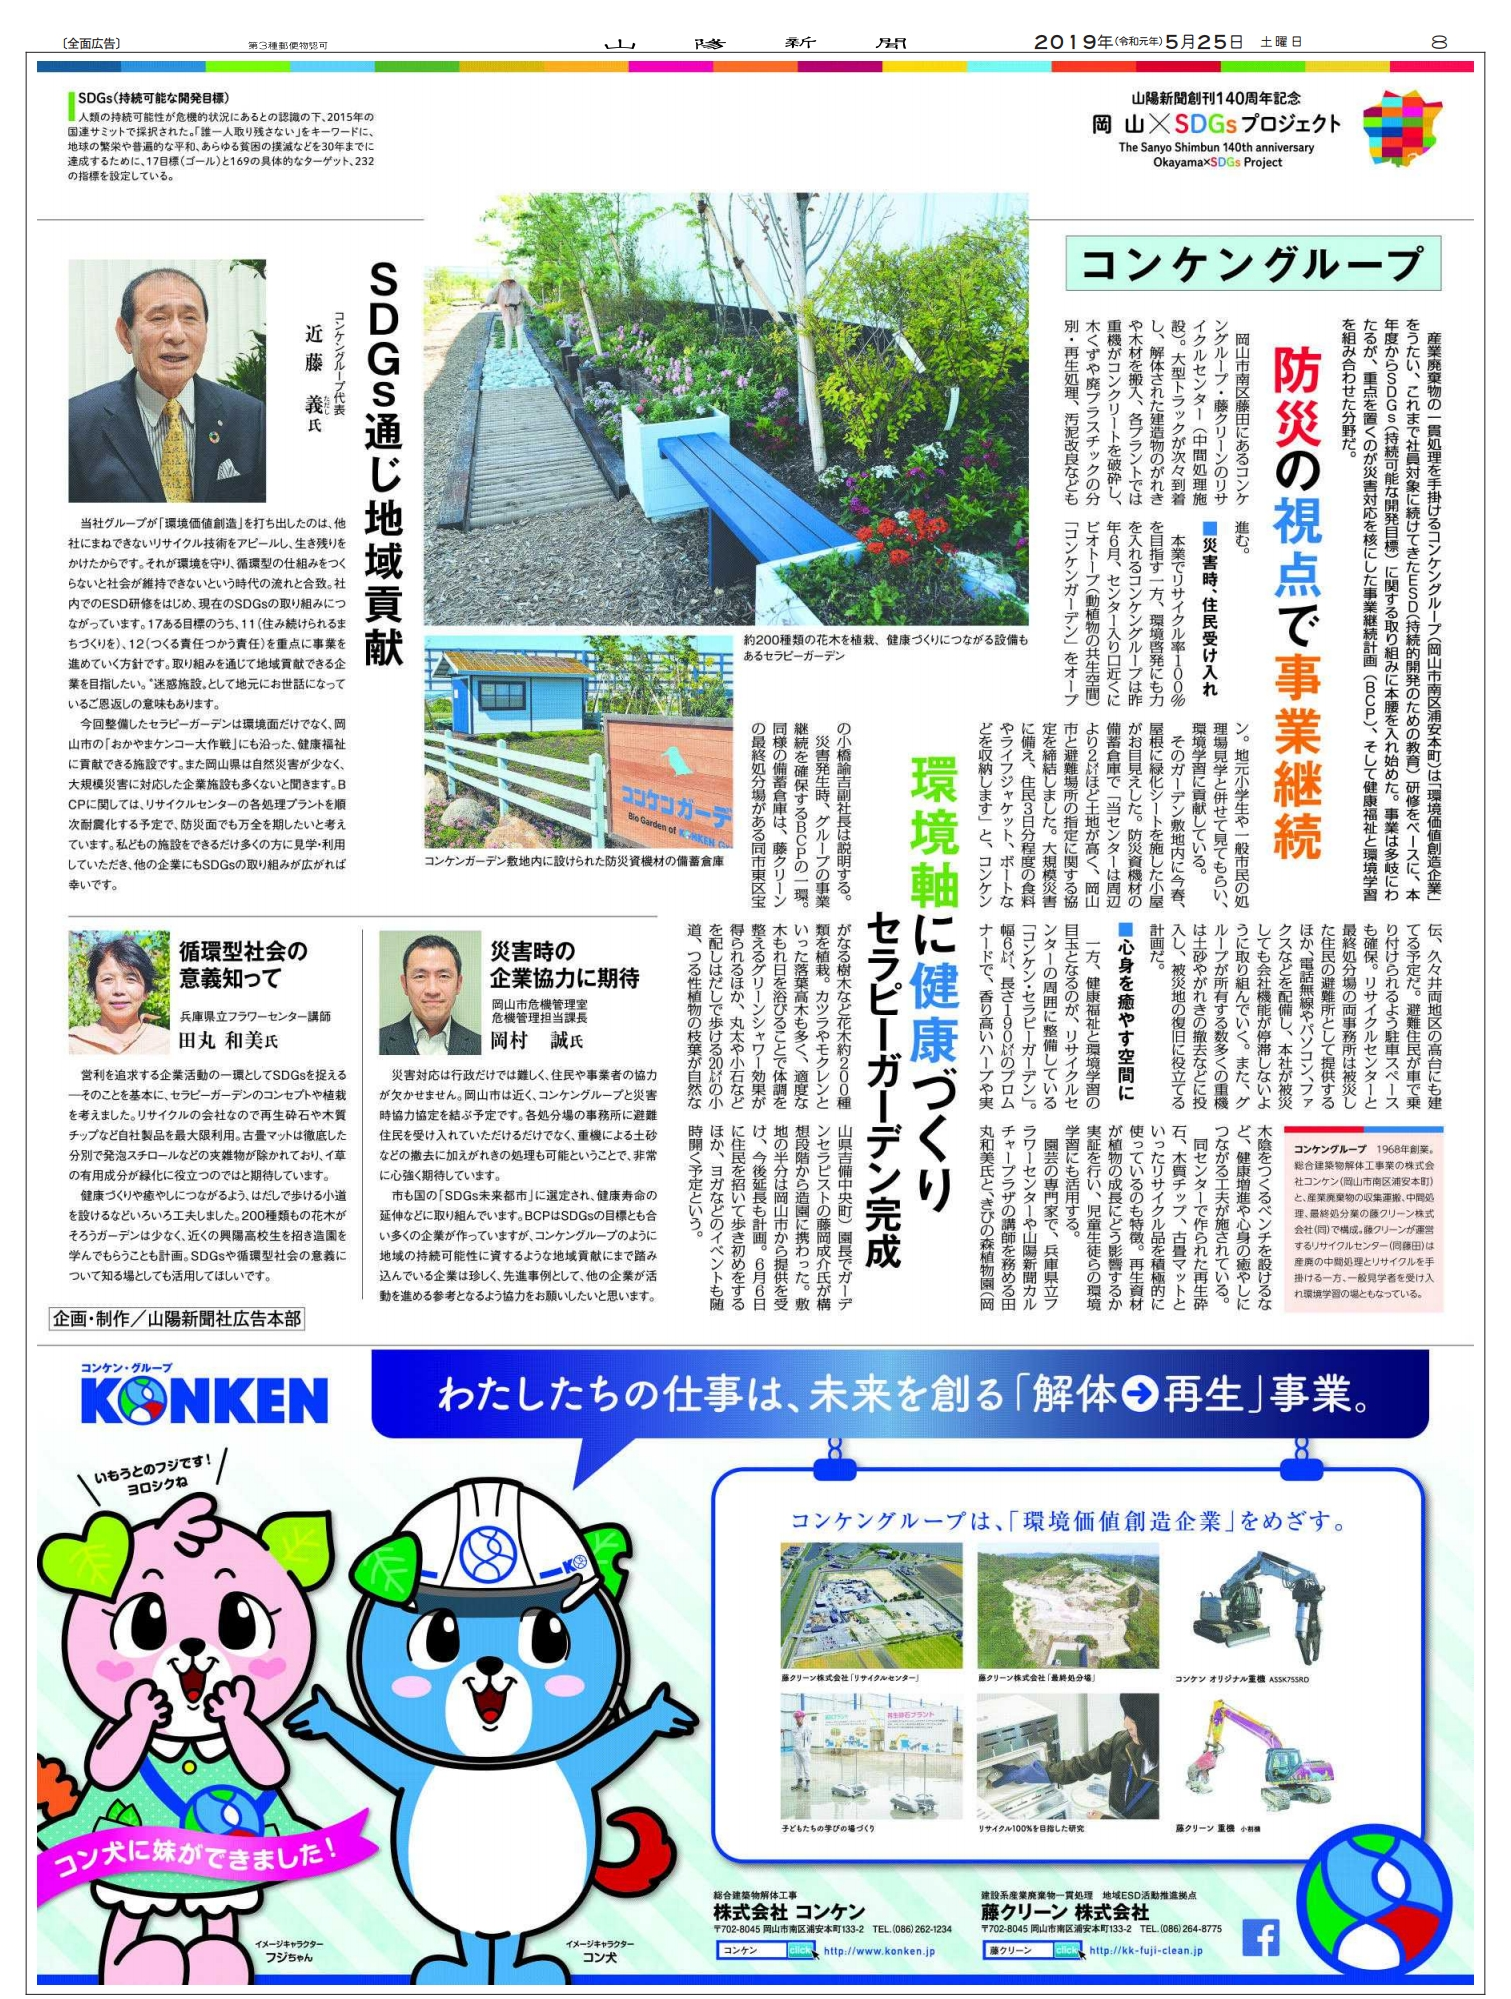 山陽新聞『岡山✖SDGsプロジェクト』掲載